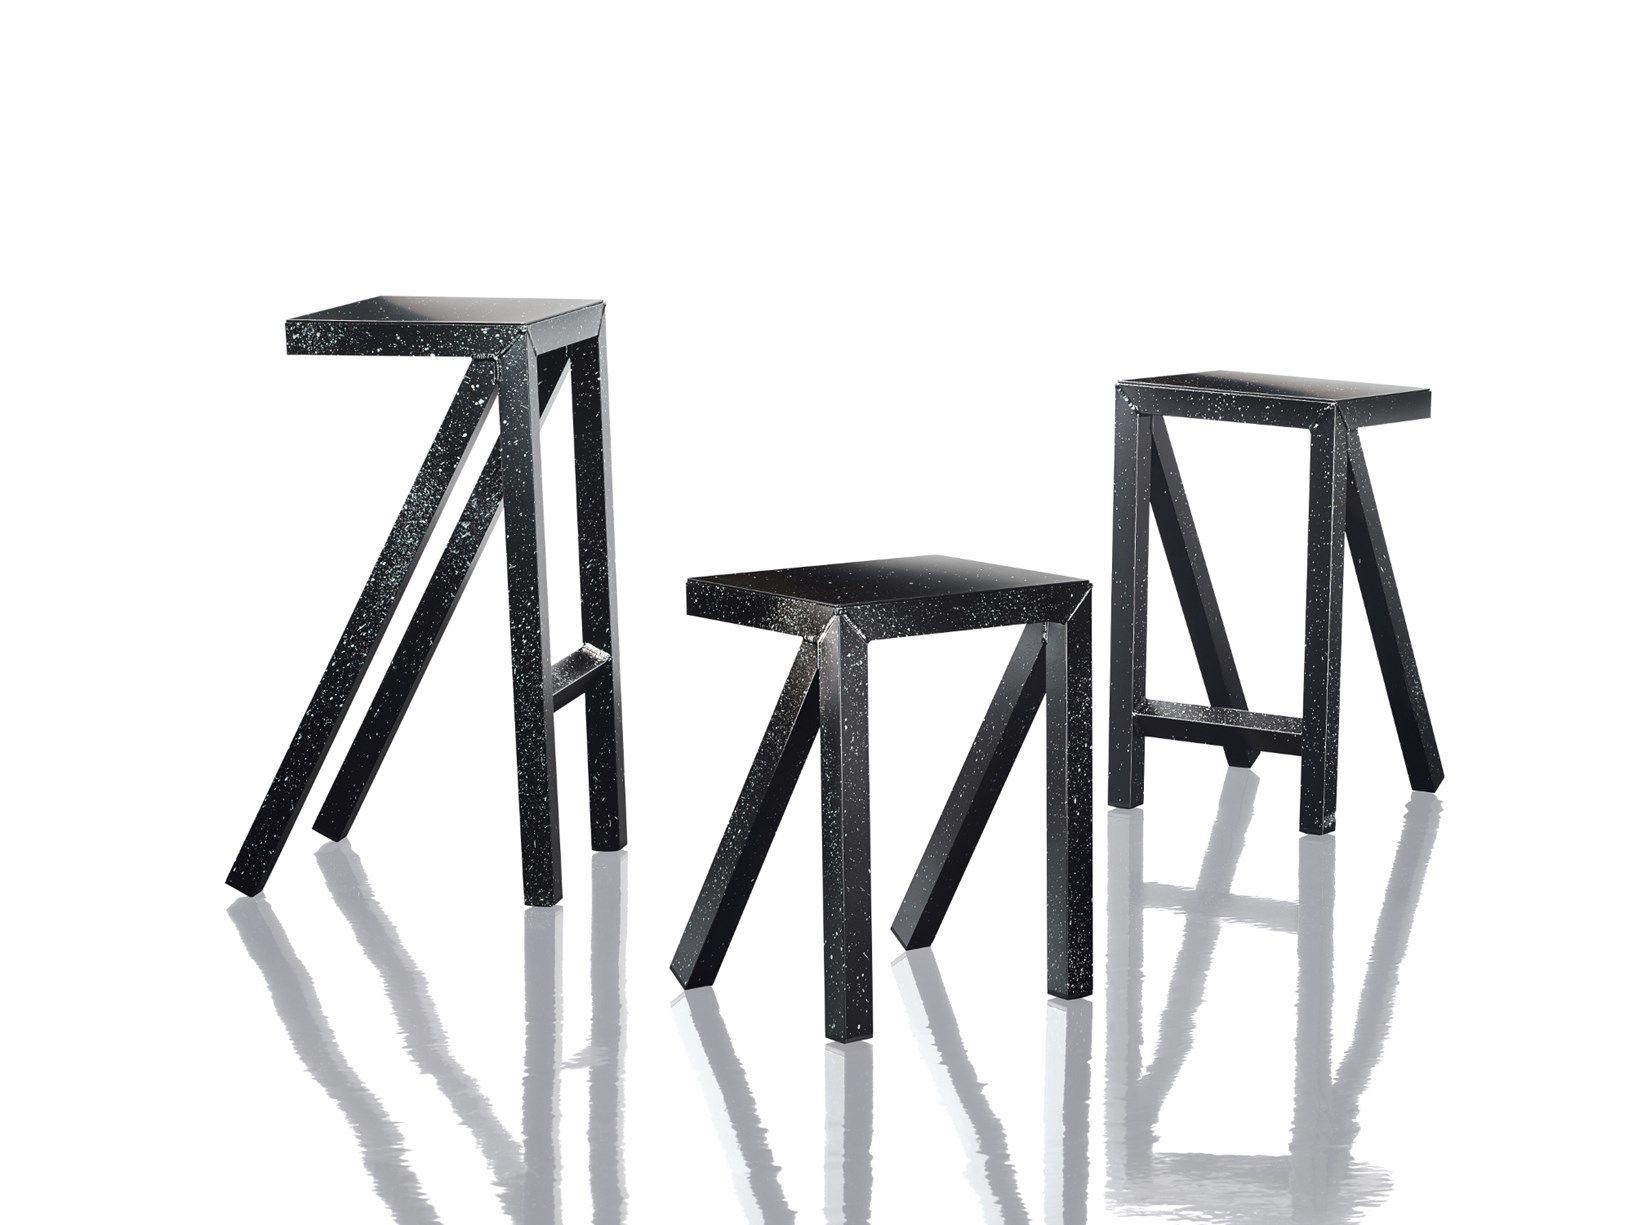 Una linea grafica ed essenziale disegna tavoli sgabelli alti e bassi